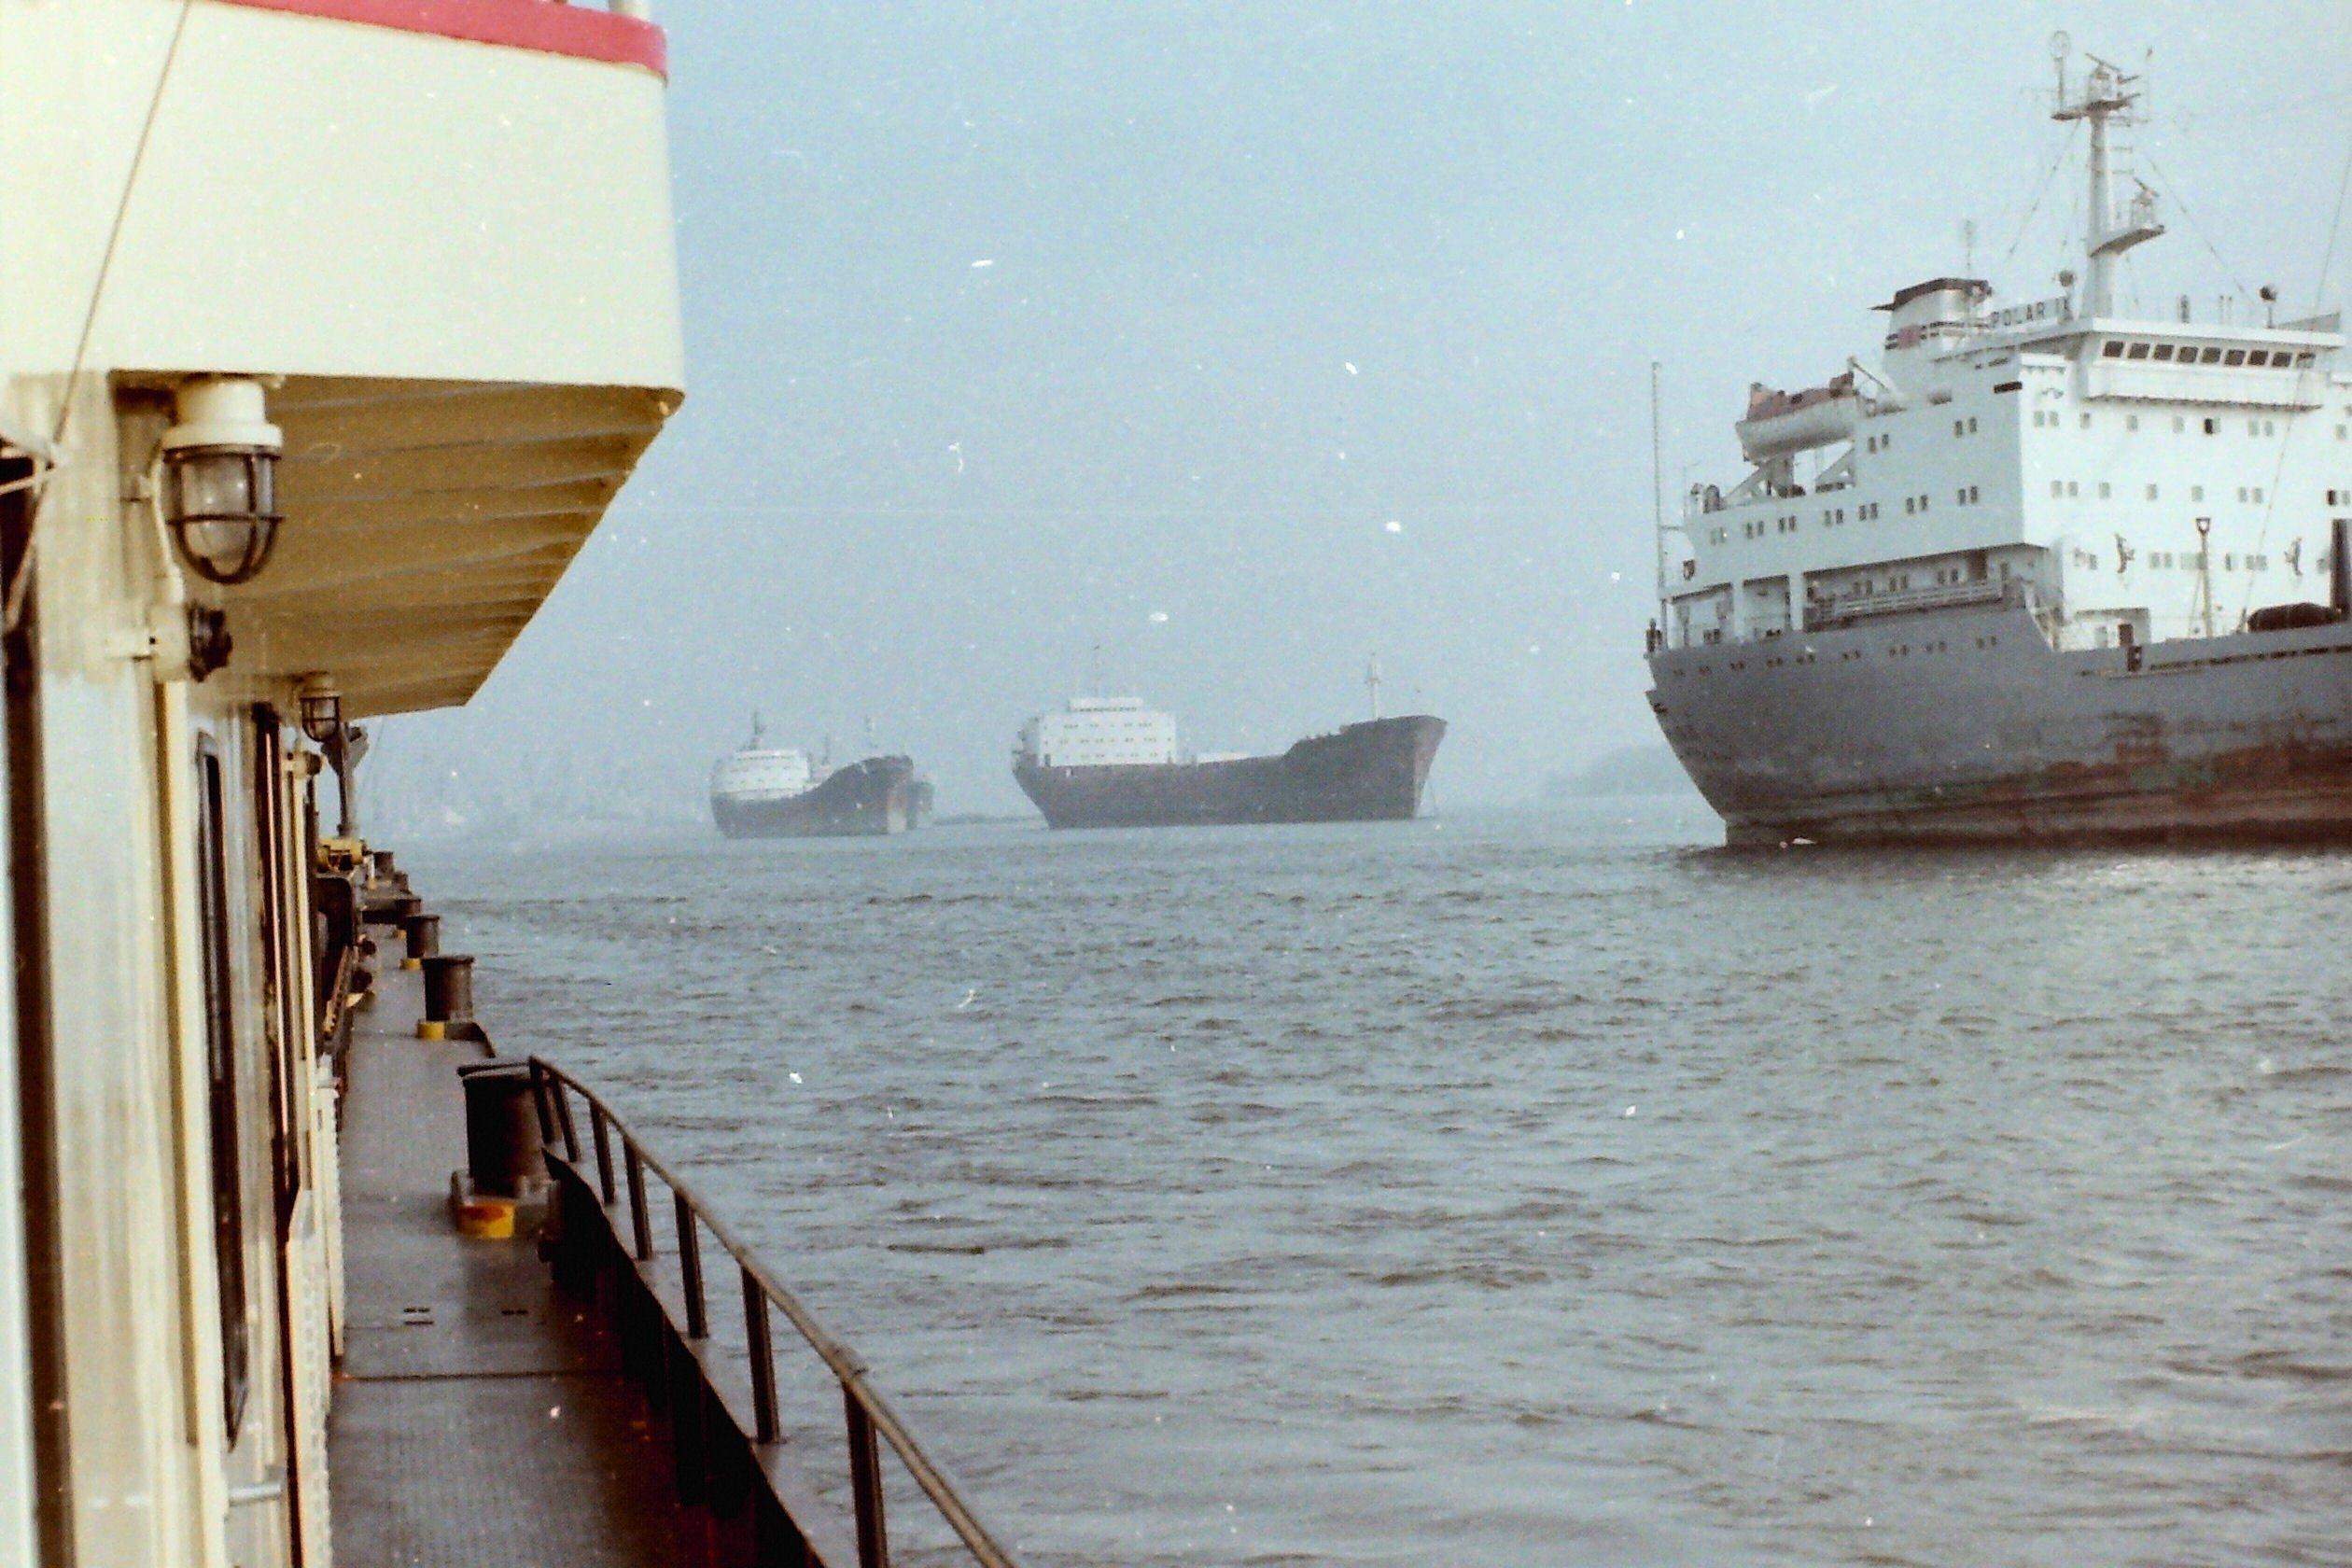 Drei große Passagierschiffe vom kleinen Frachtschiff aus gesehen